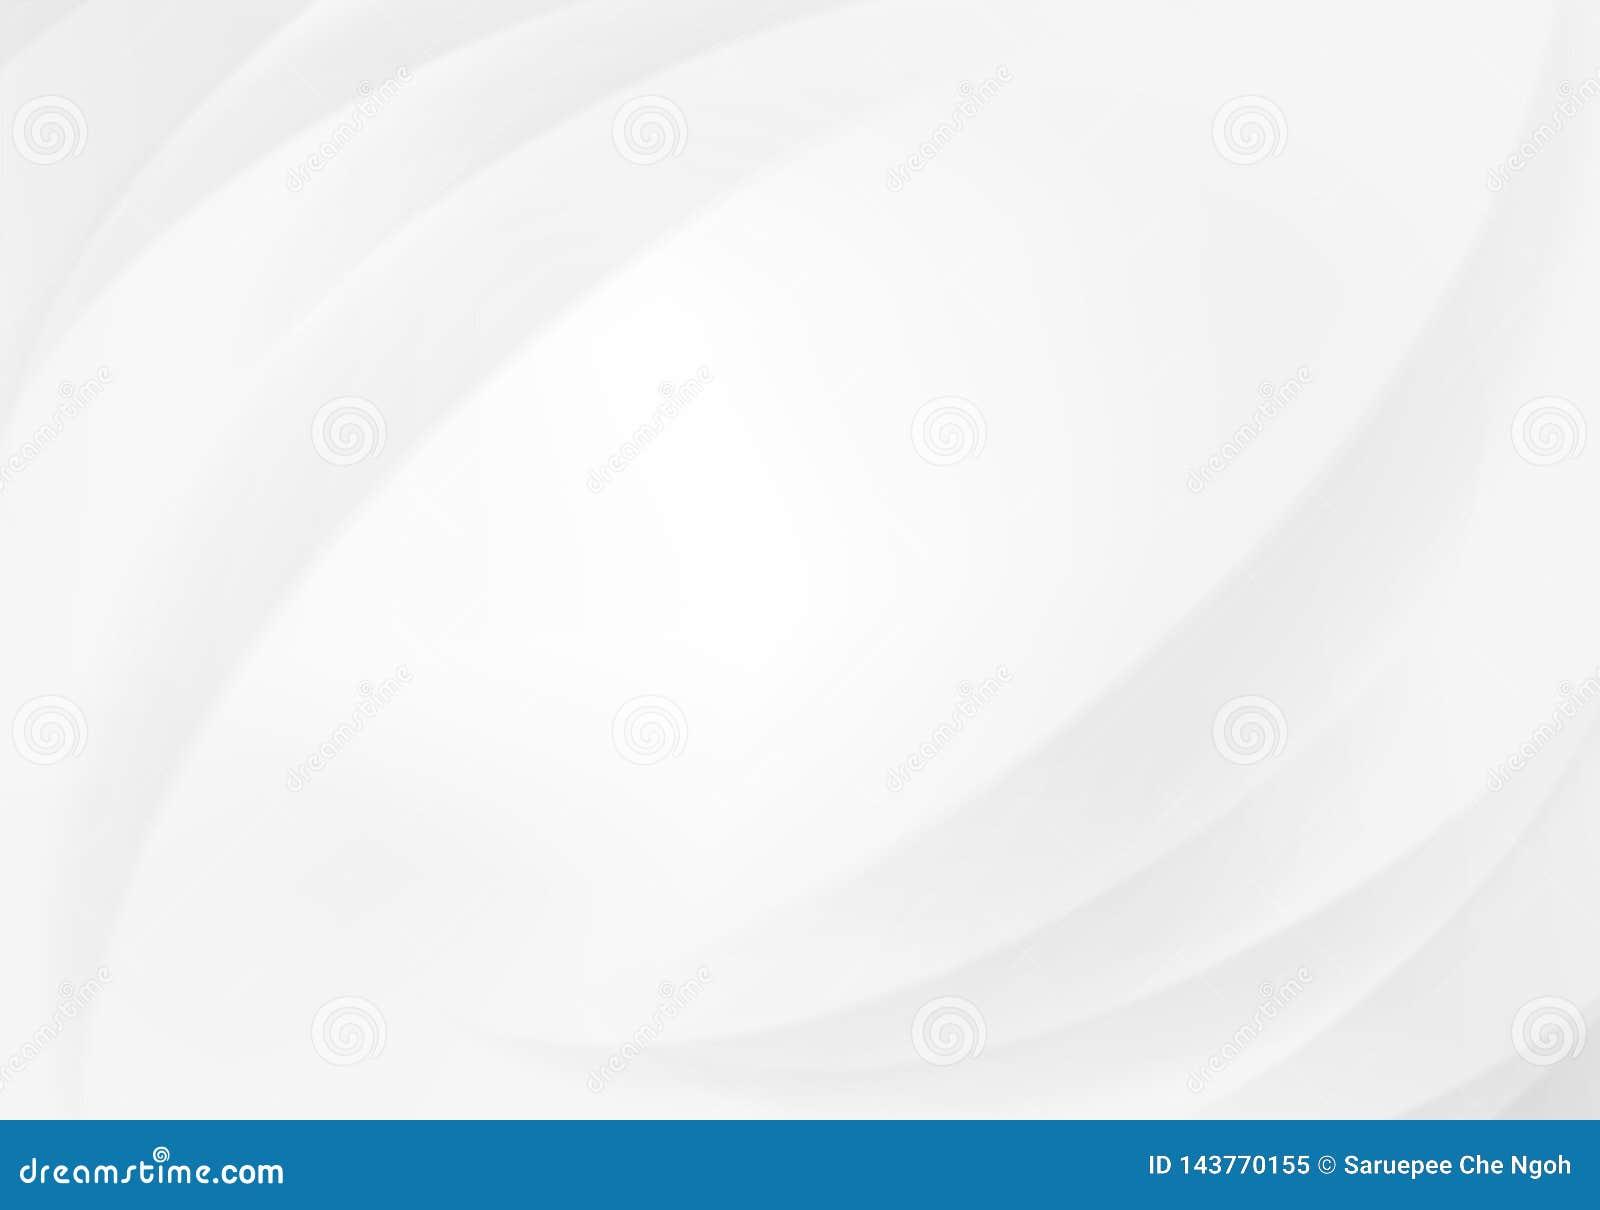 Líneas abstractas blanco y Gray Vector Backgrounds de las curvas